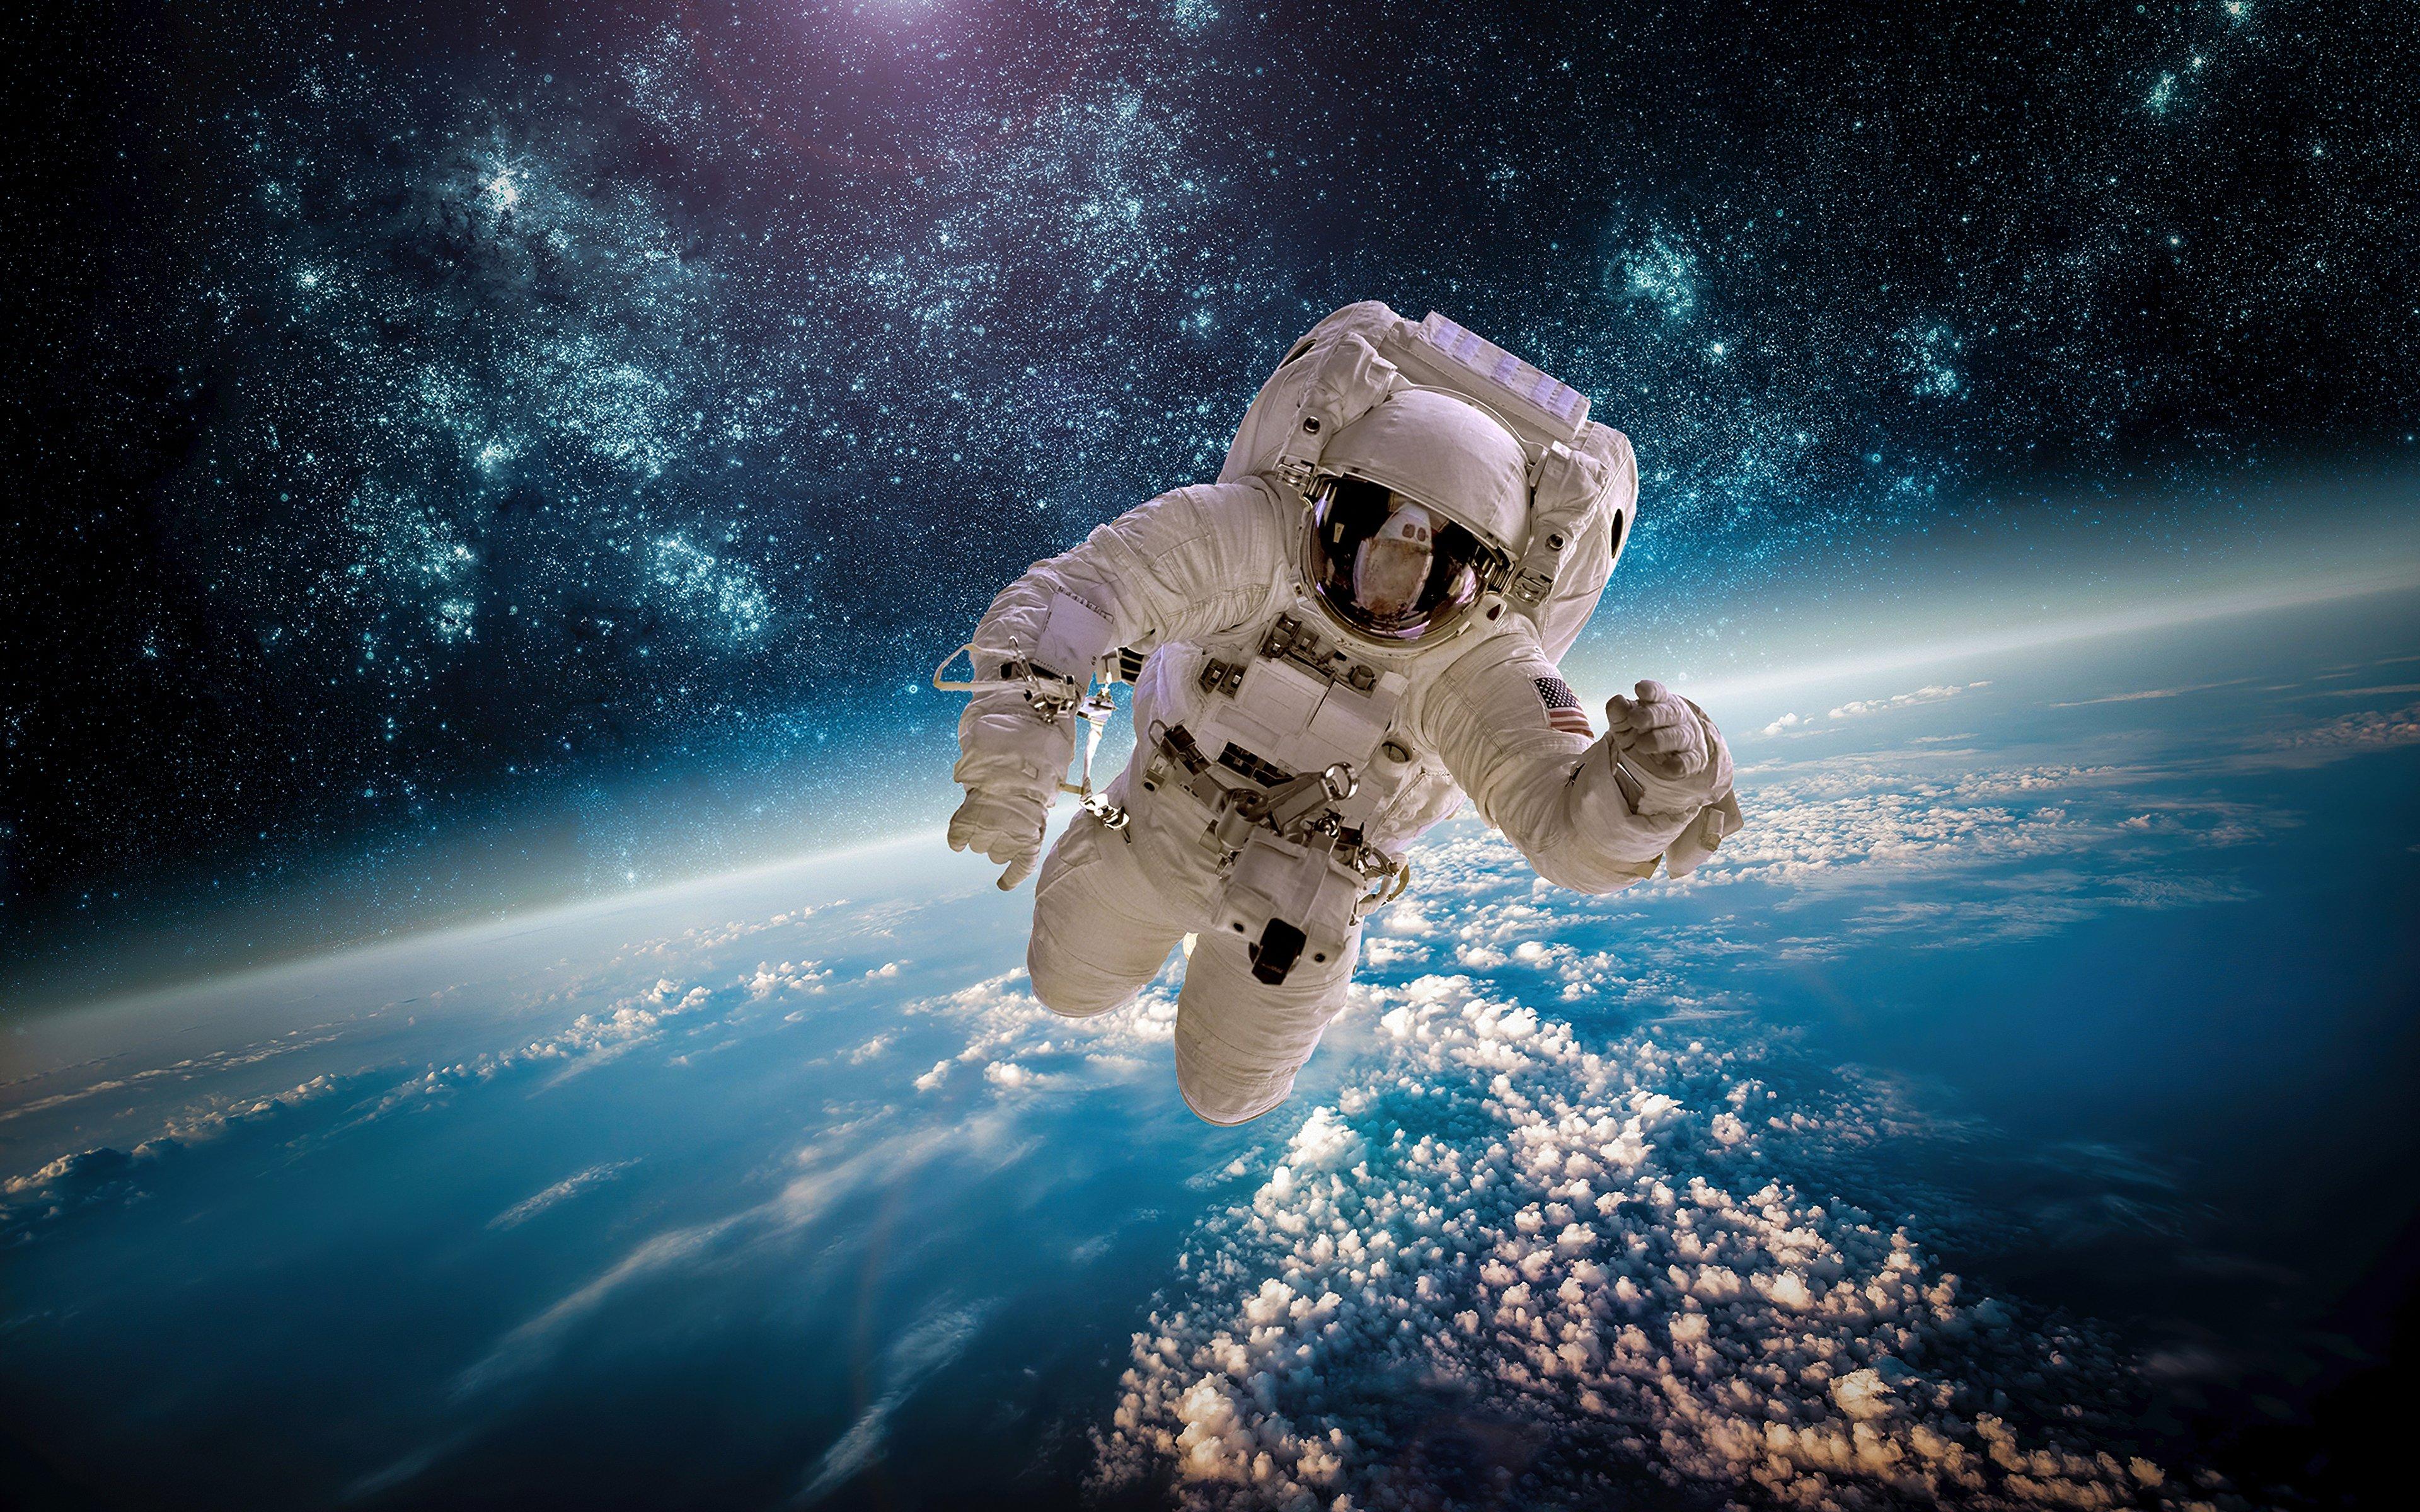 Fondos de pantalla Astronauta en el cielo